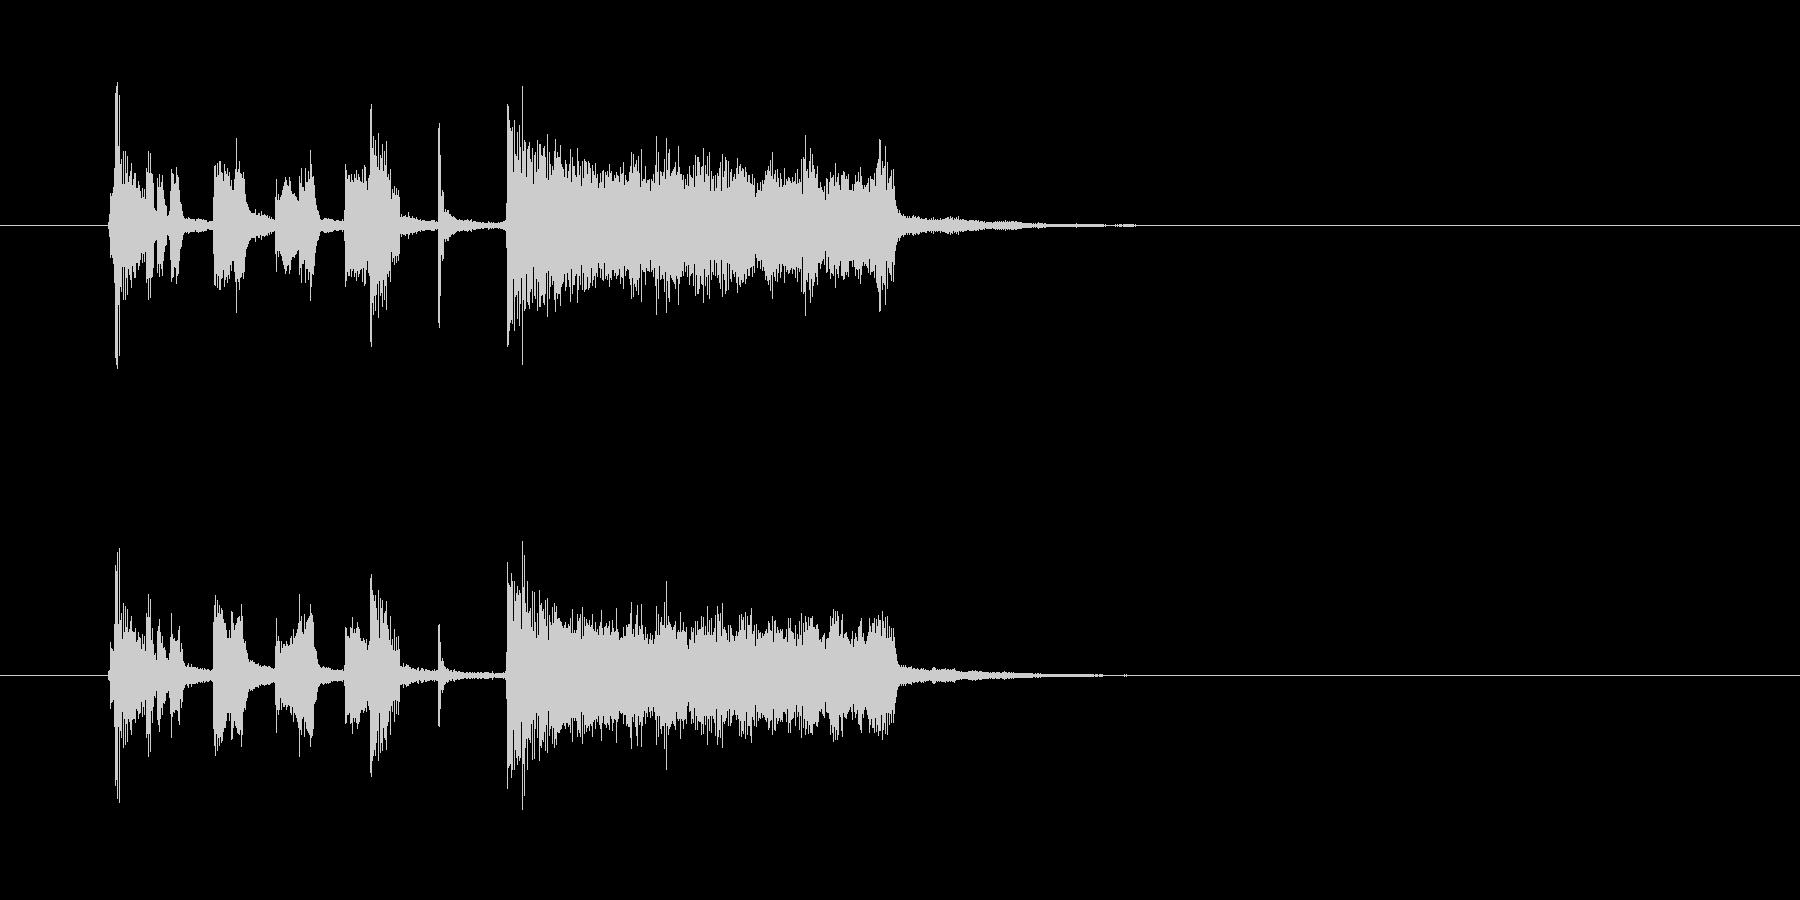 シンセサイザー トランペット コミカルの未再生の波形